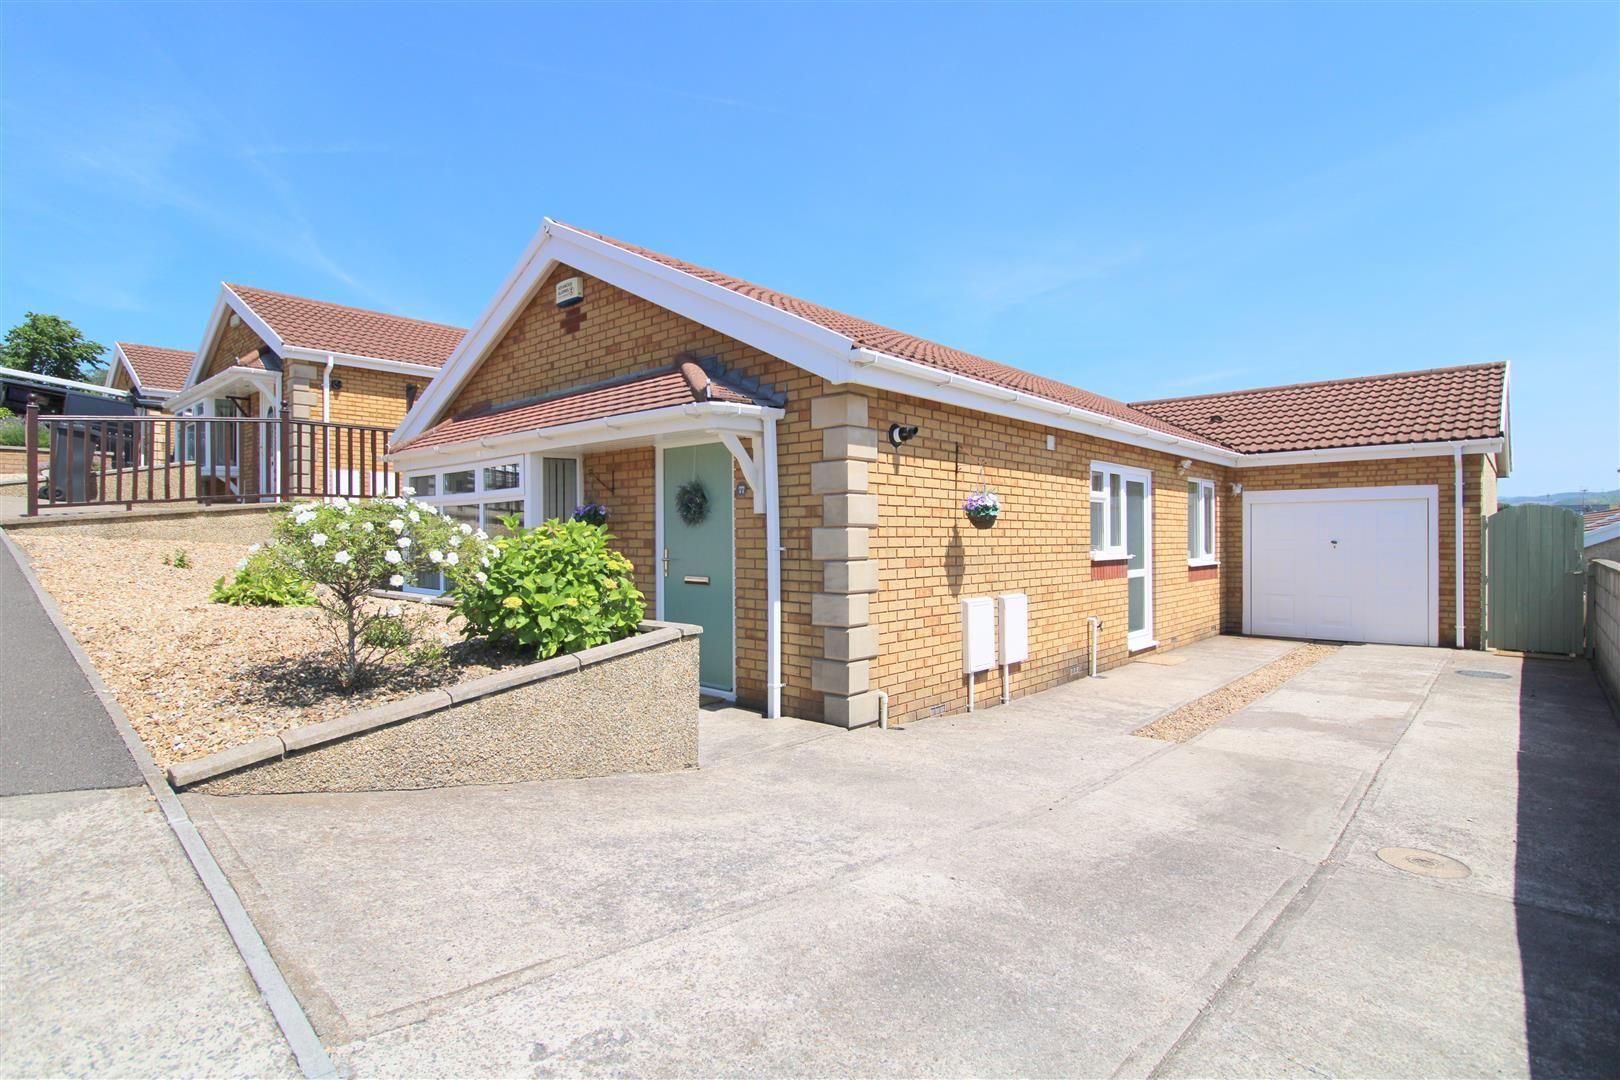 Property photo 1 of 23. Main Dwelling